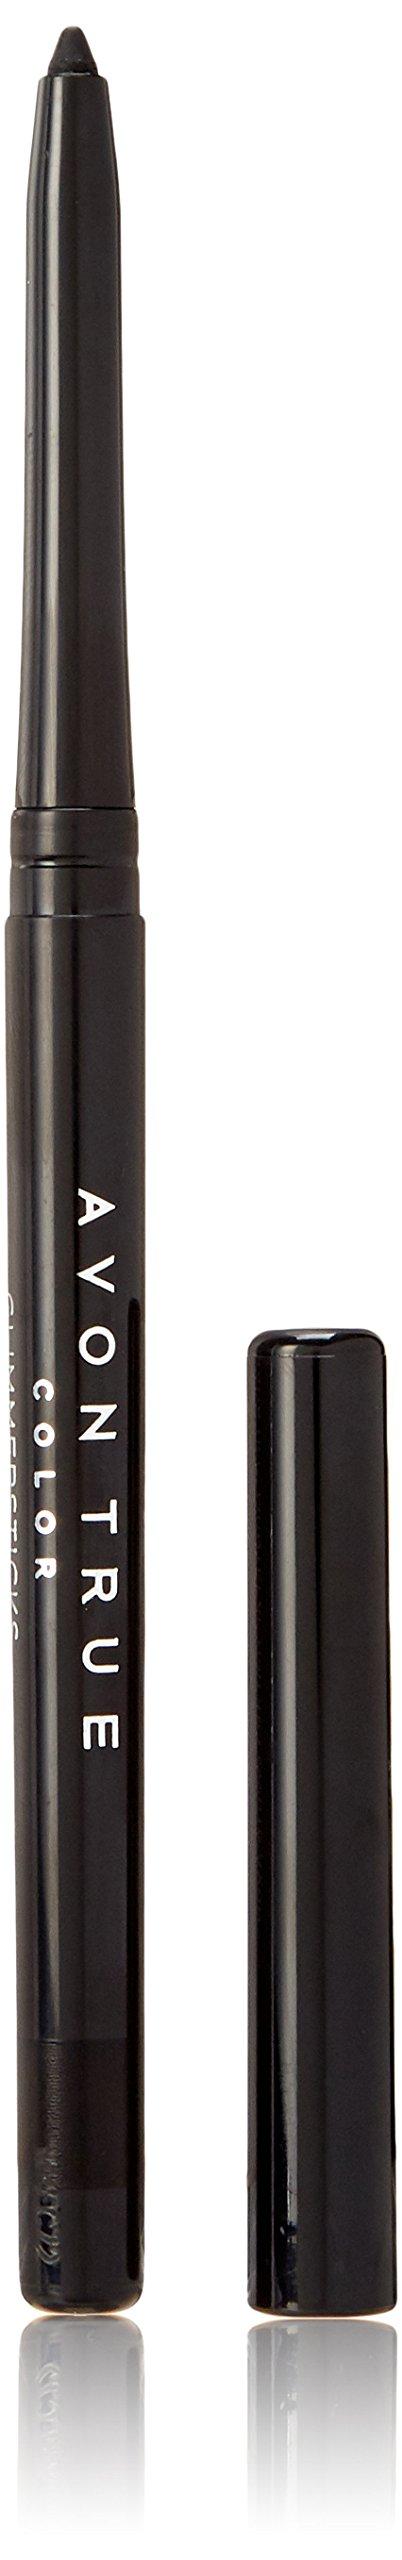 Avon Glimmersticks Eye Liner, Blackest Black (3-Pack)